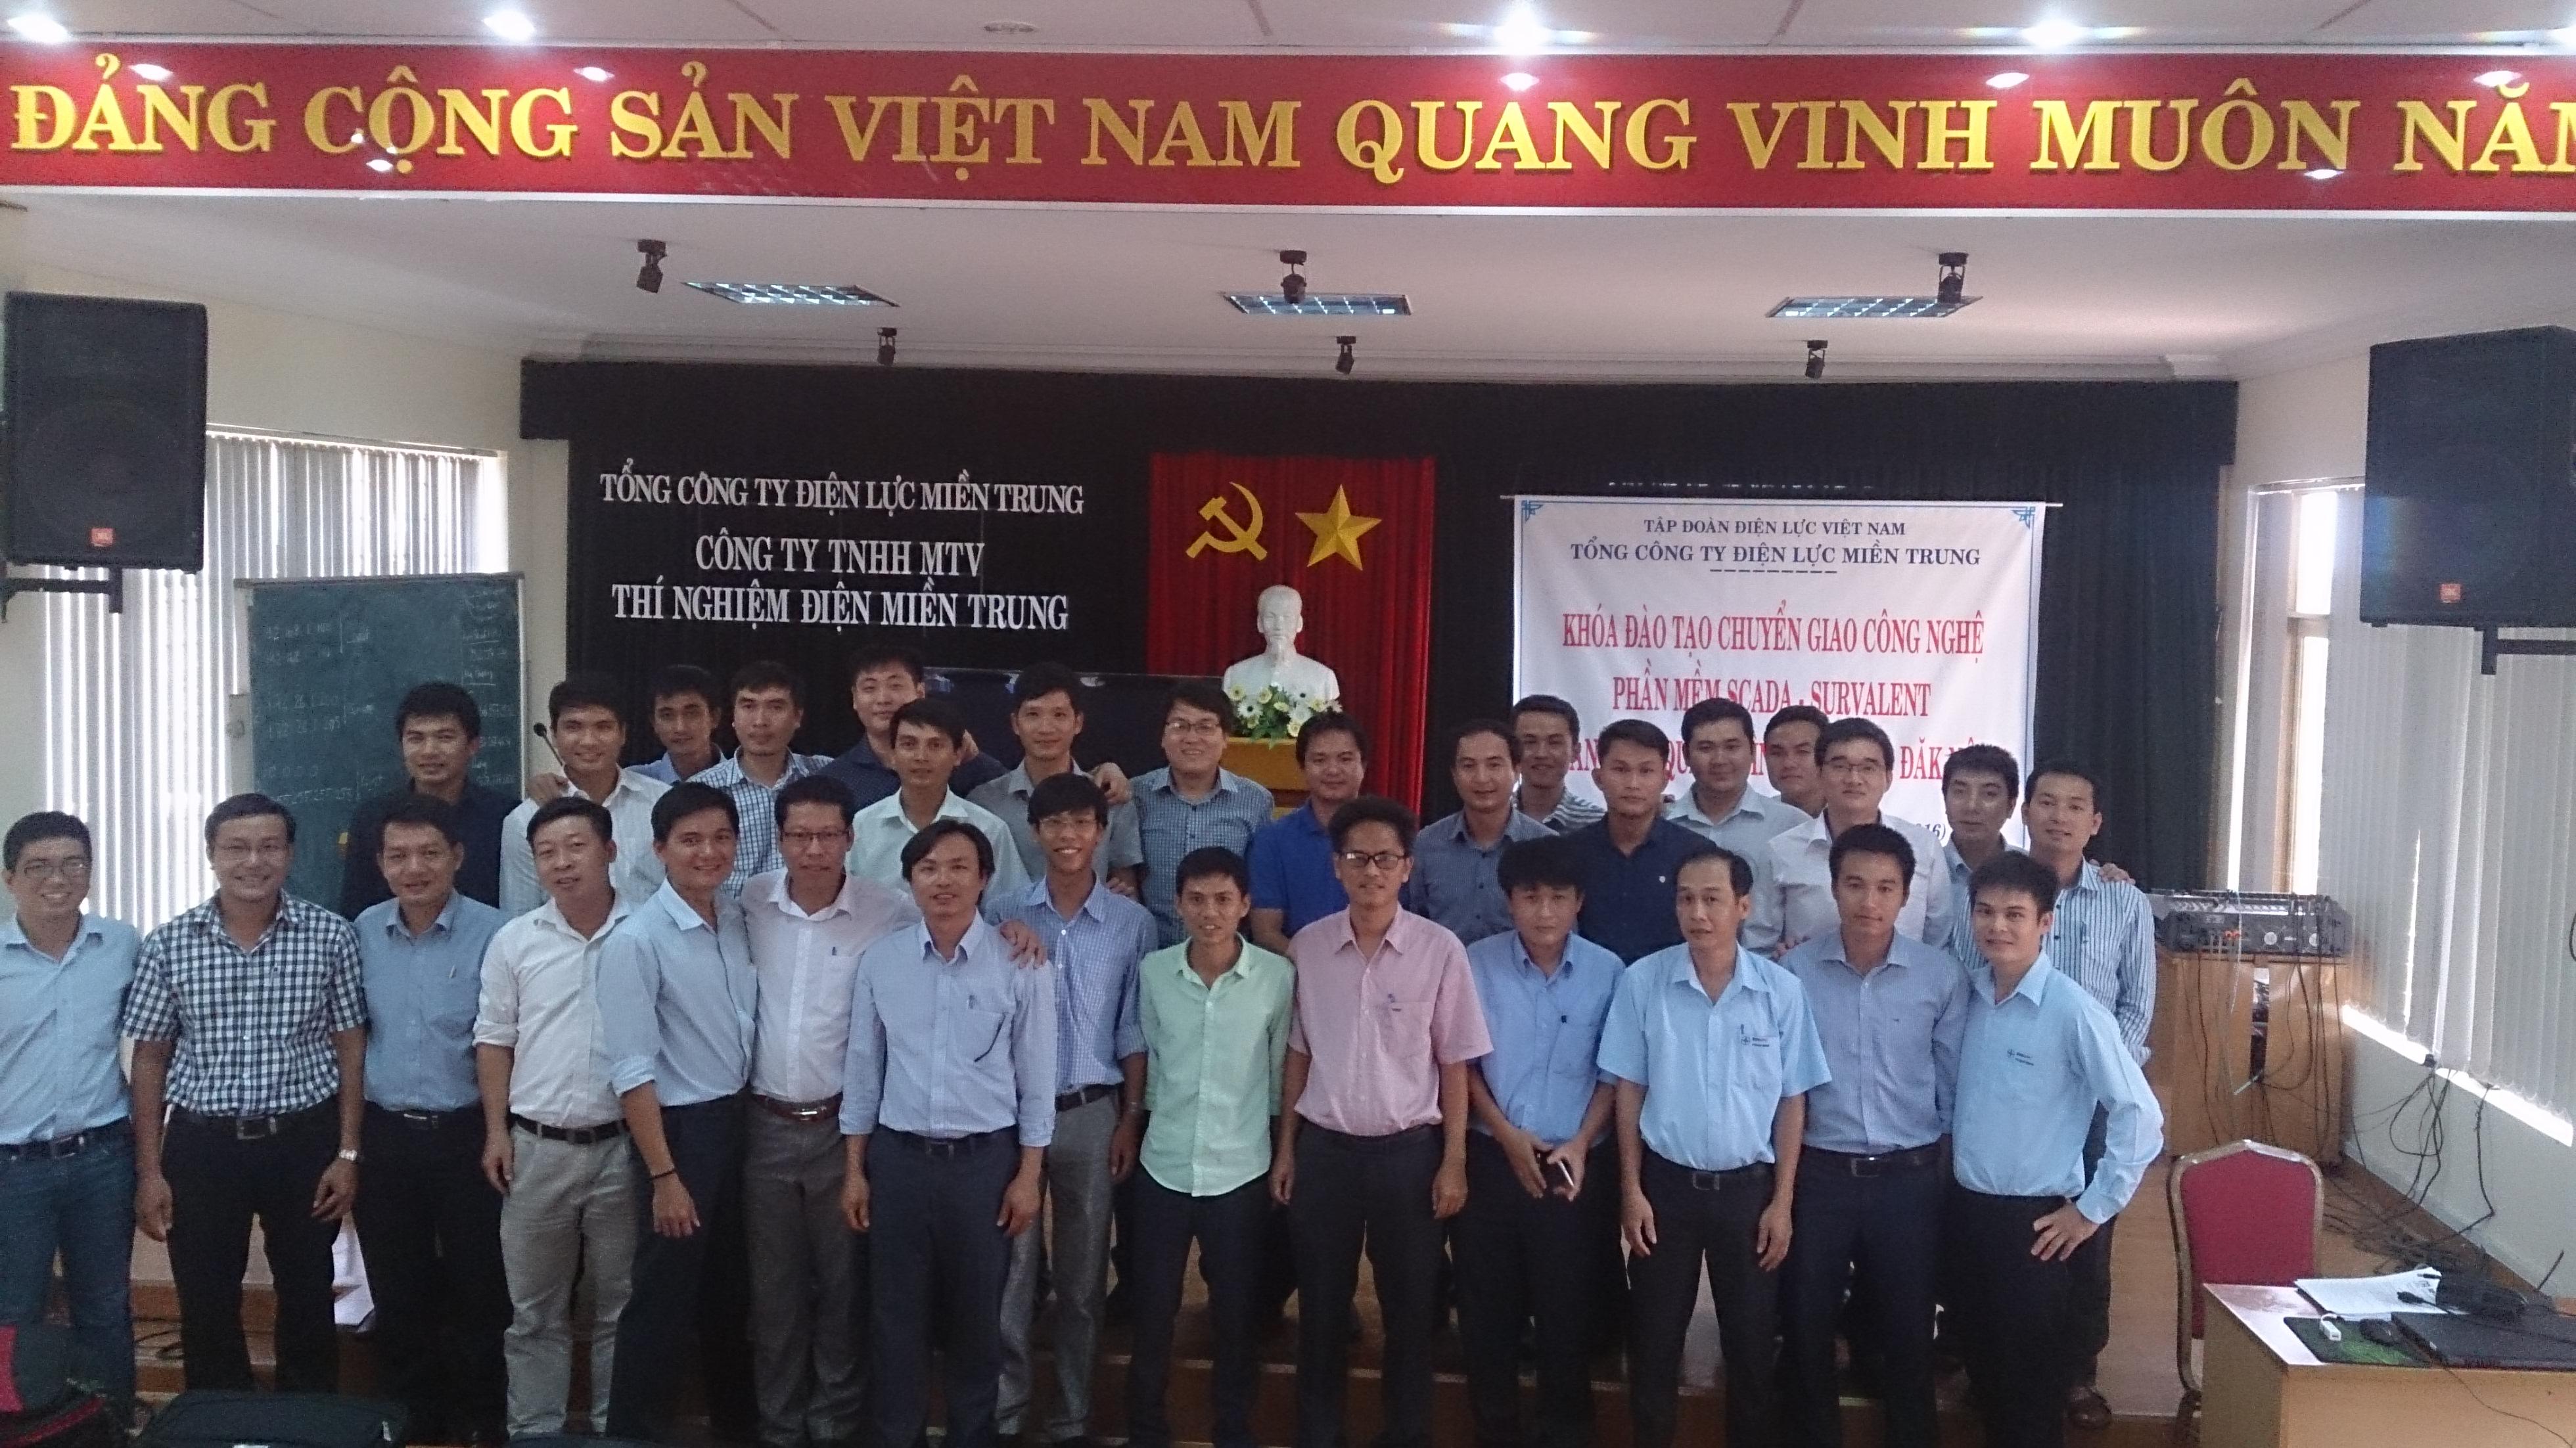 Xây dựng Trung Tâm Điều Khiển 3 Tỉnh  Quảng Bình - Phú Yên - Đak Nông